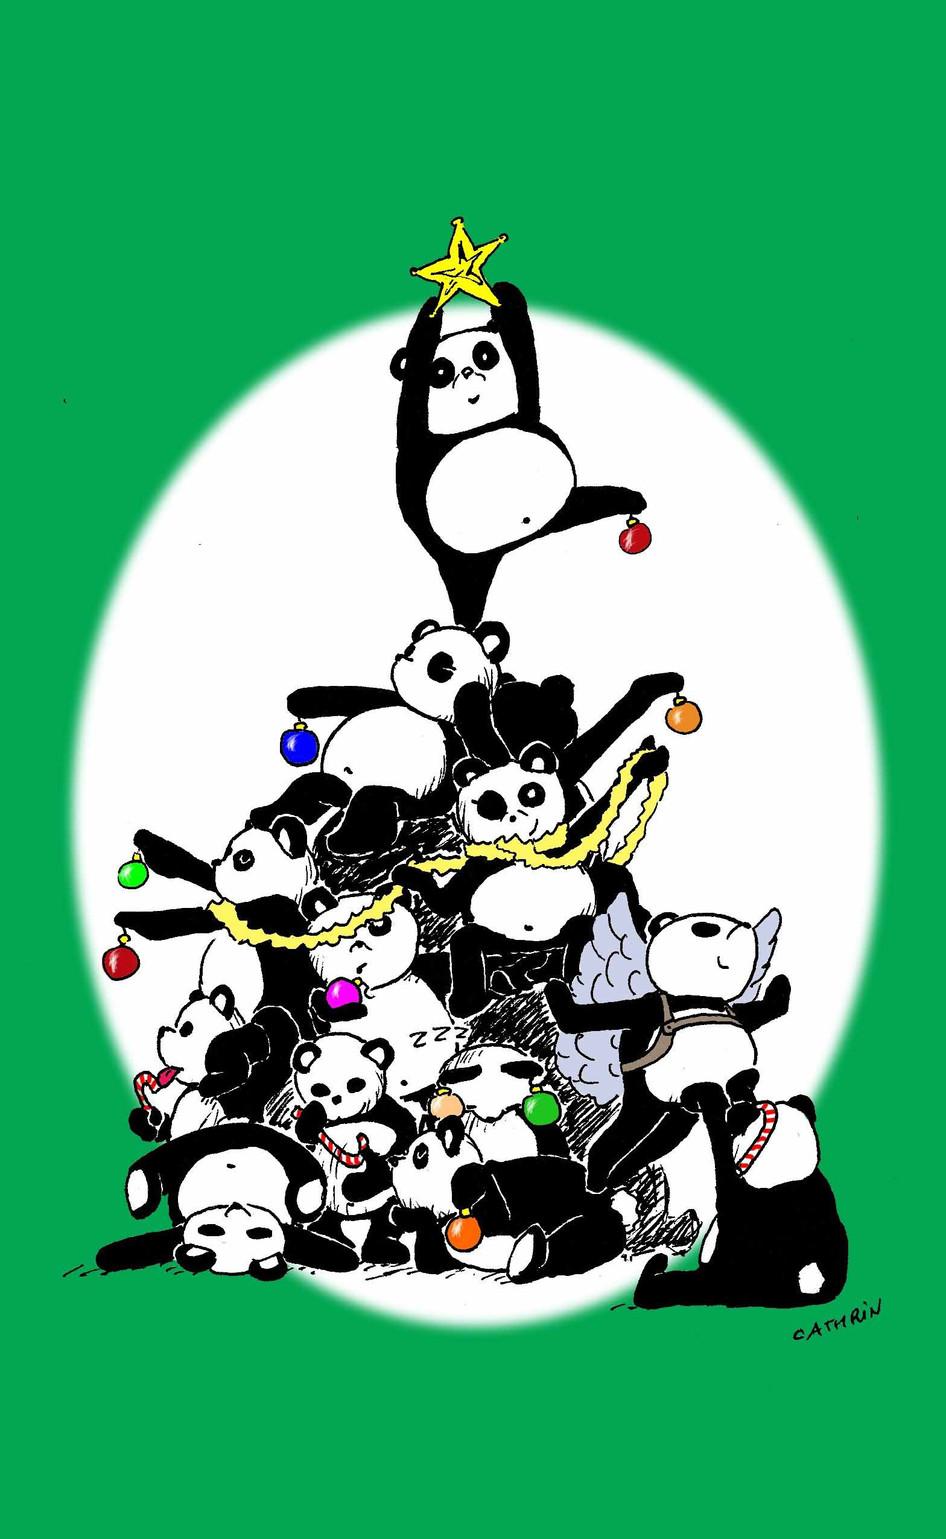 CARD_2013 Xmas Panda